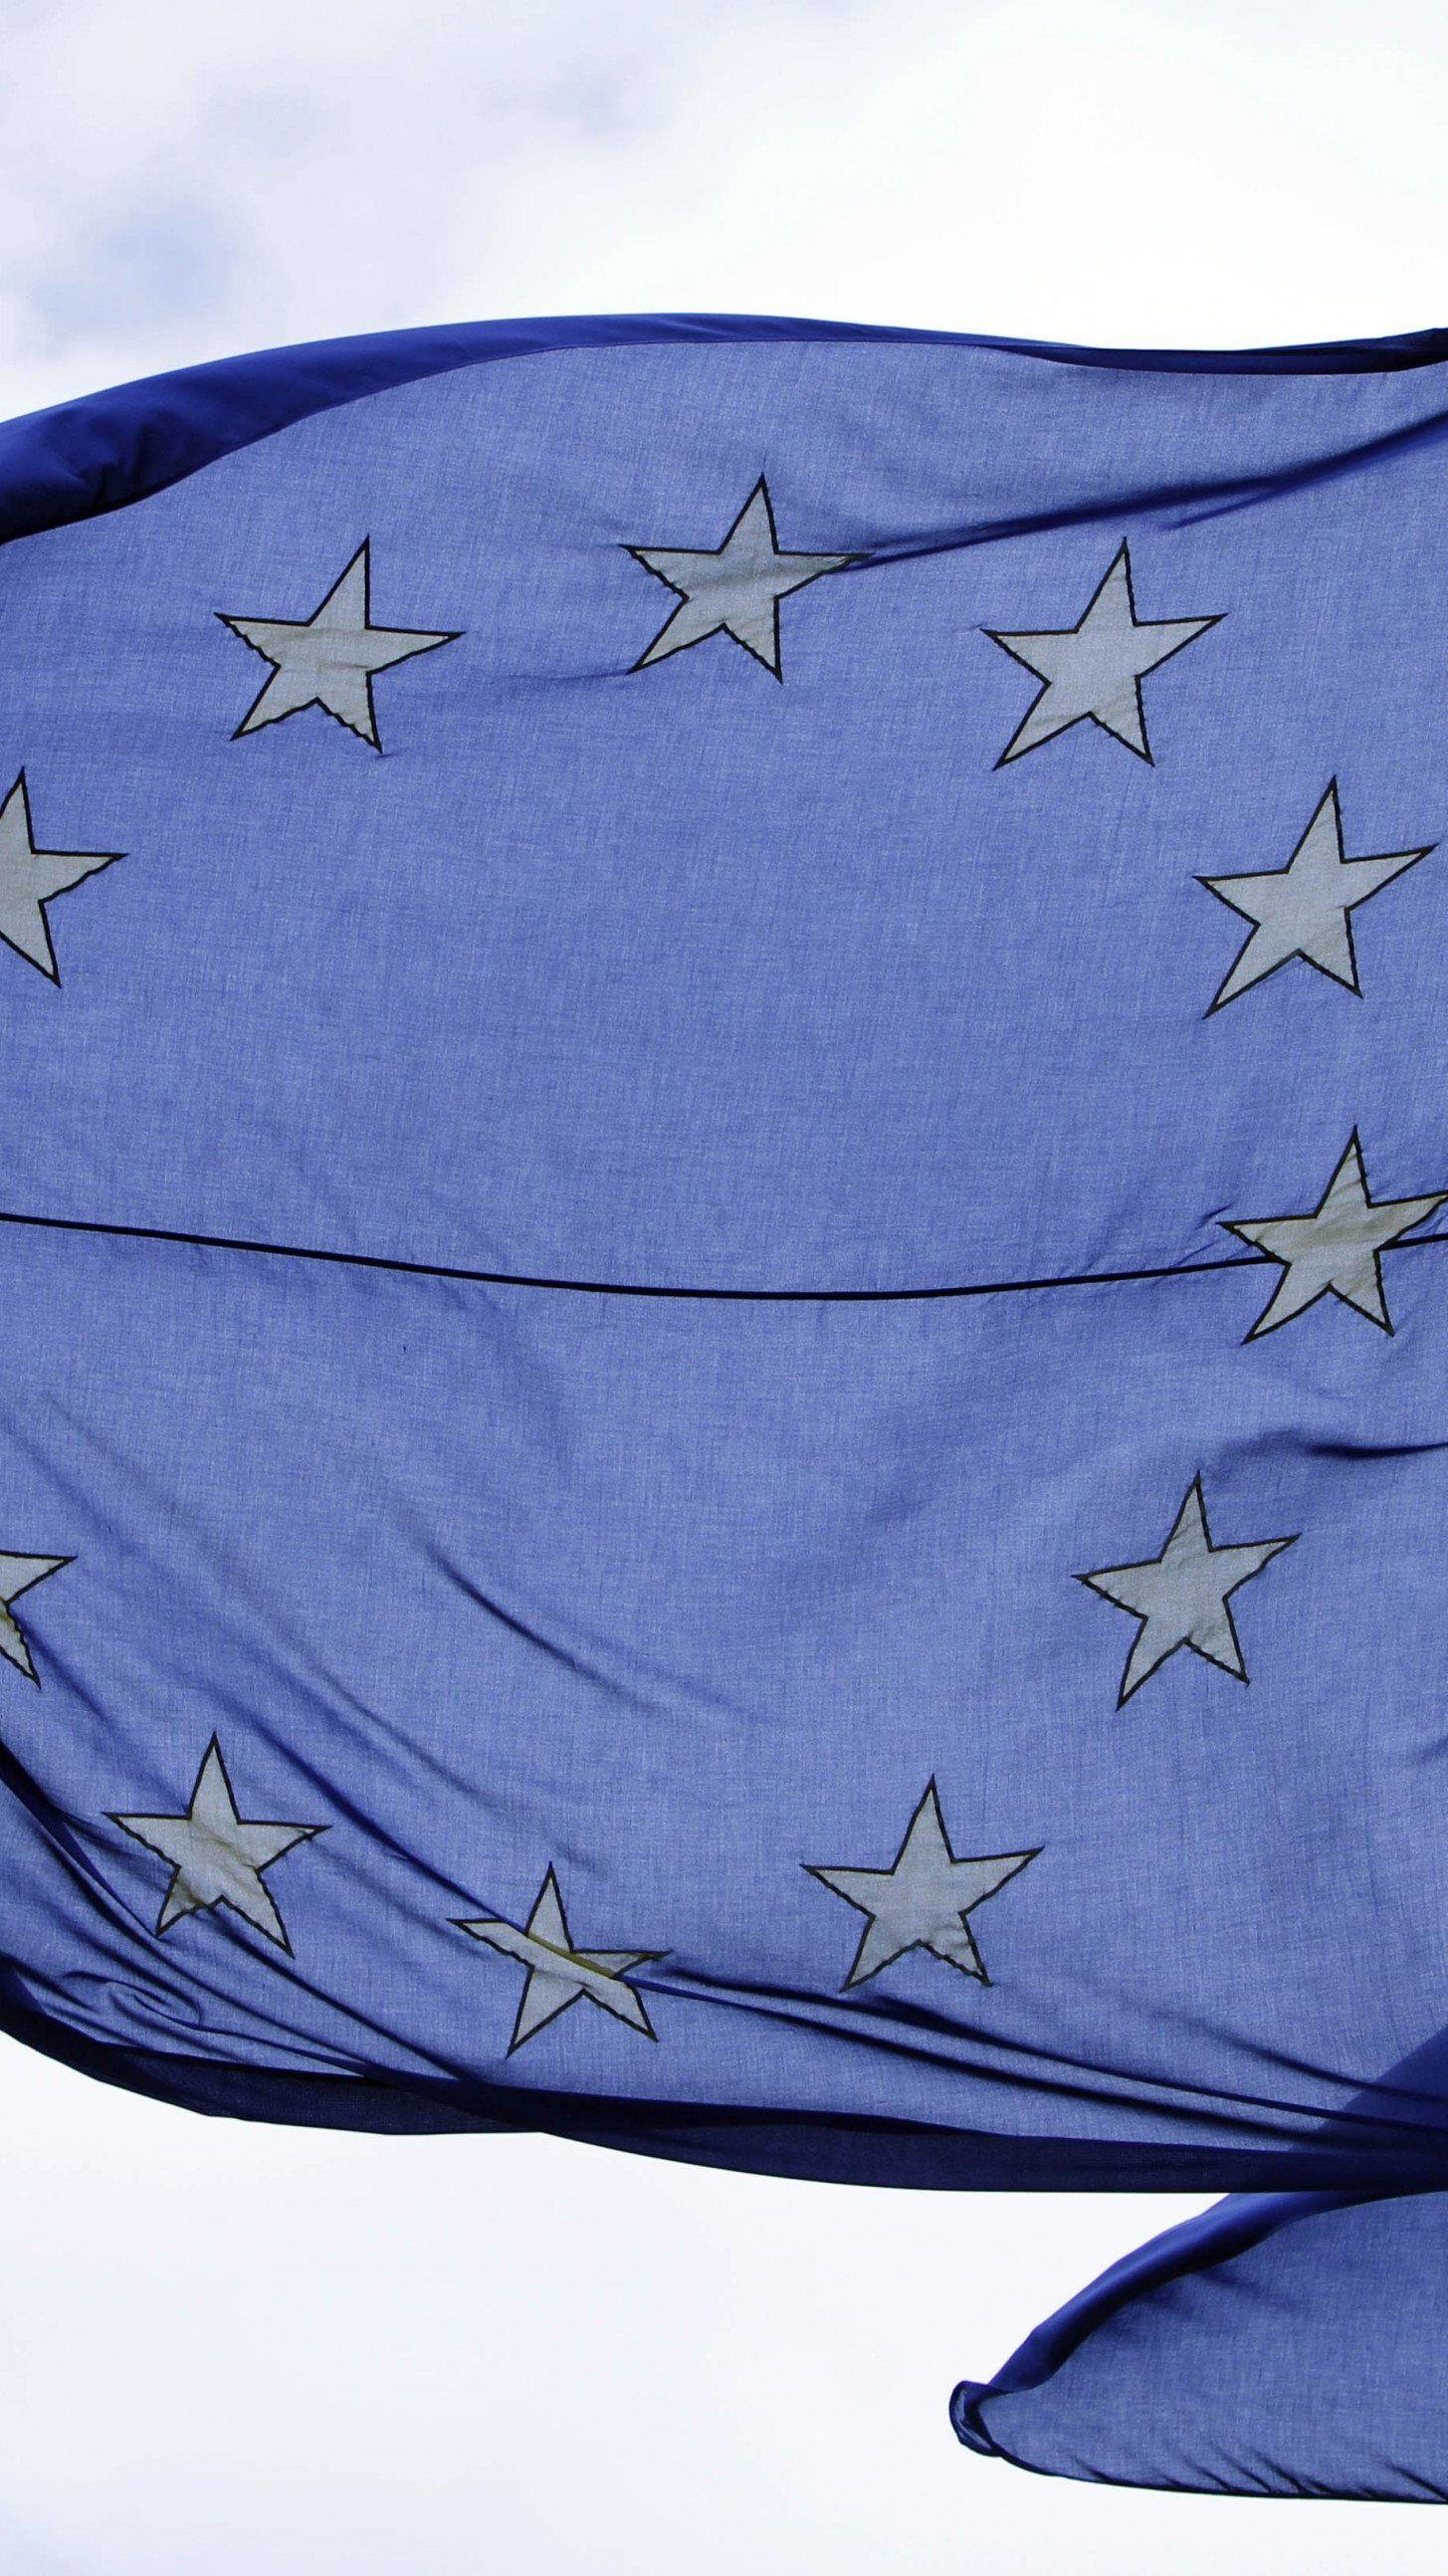 """Die immer wieder betonte europäische """"Wertegemeinschaft"""" erweist sich als bröckelig."""